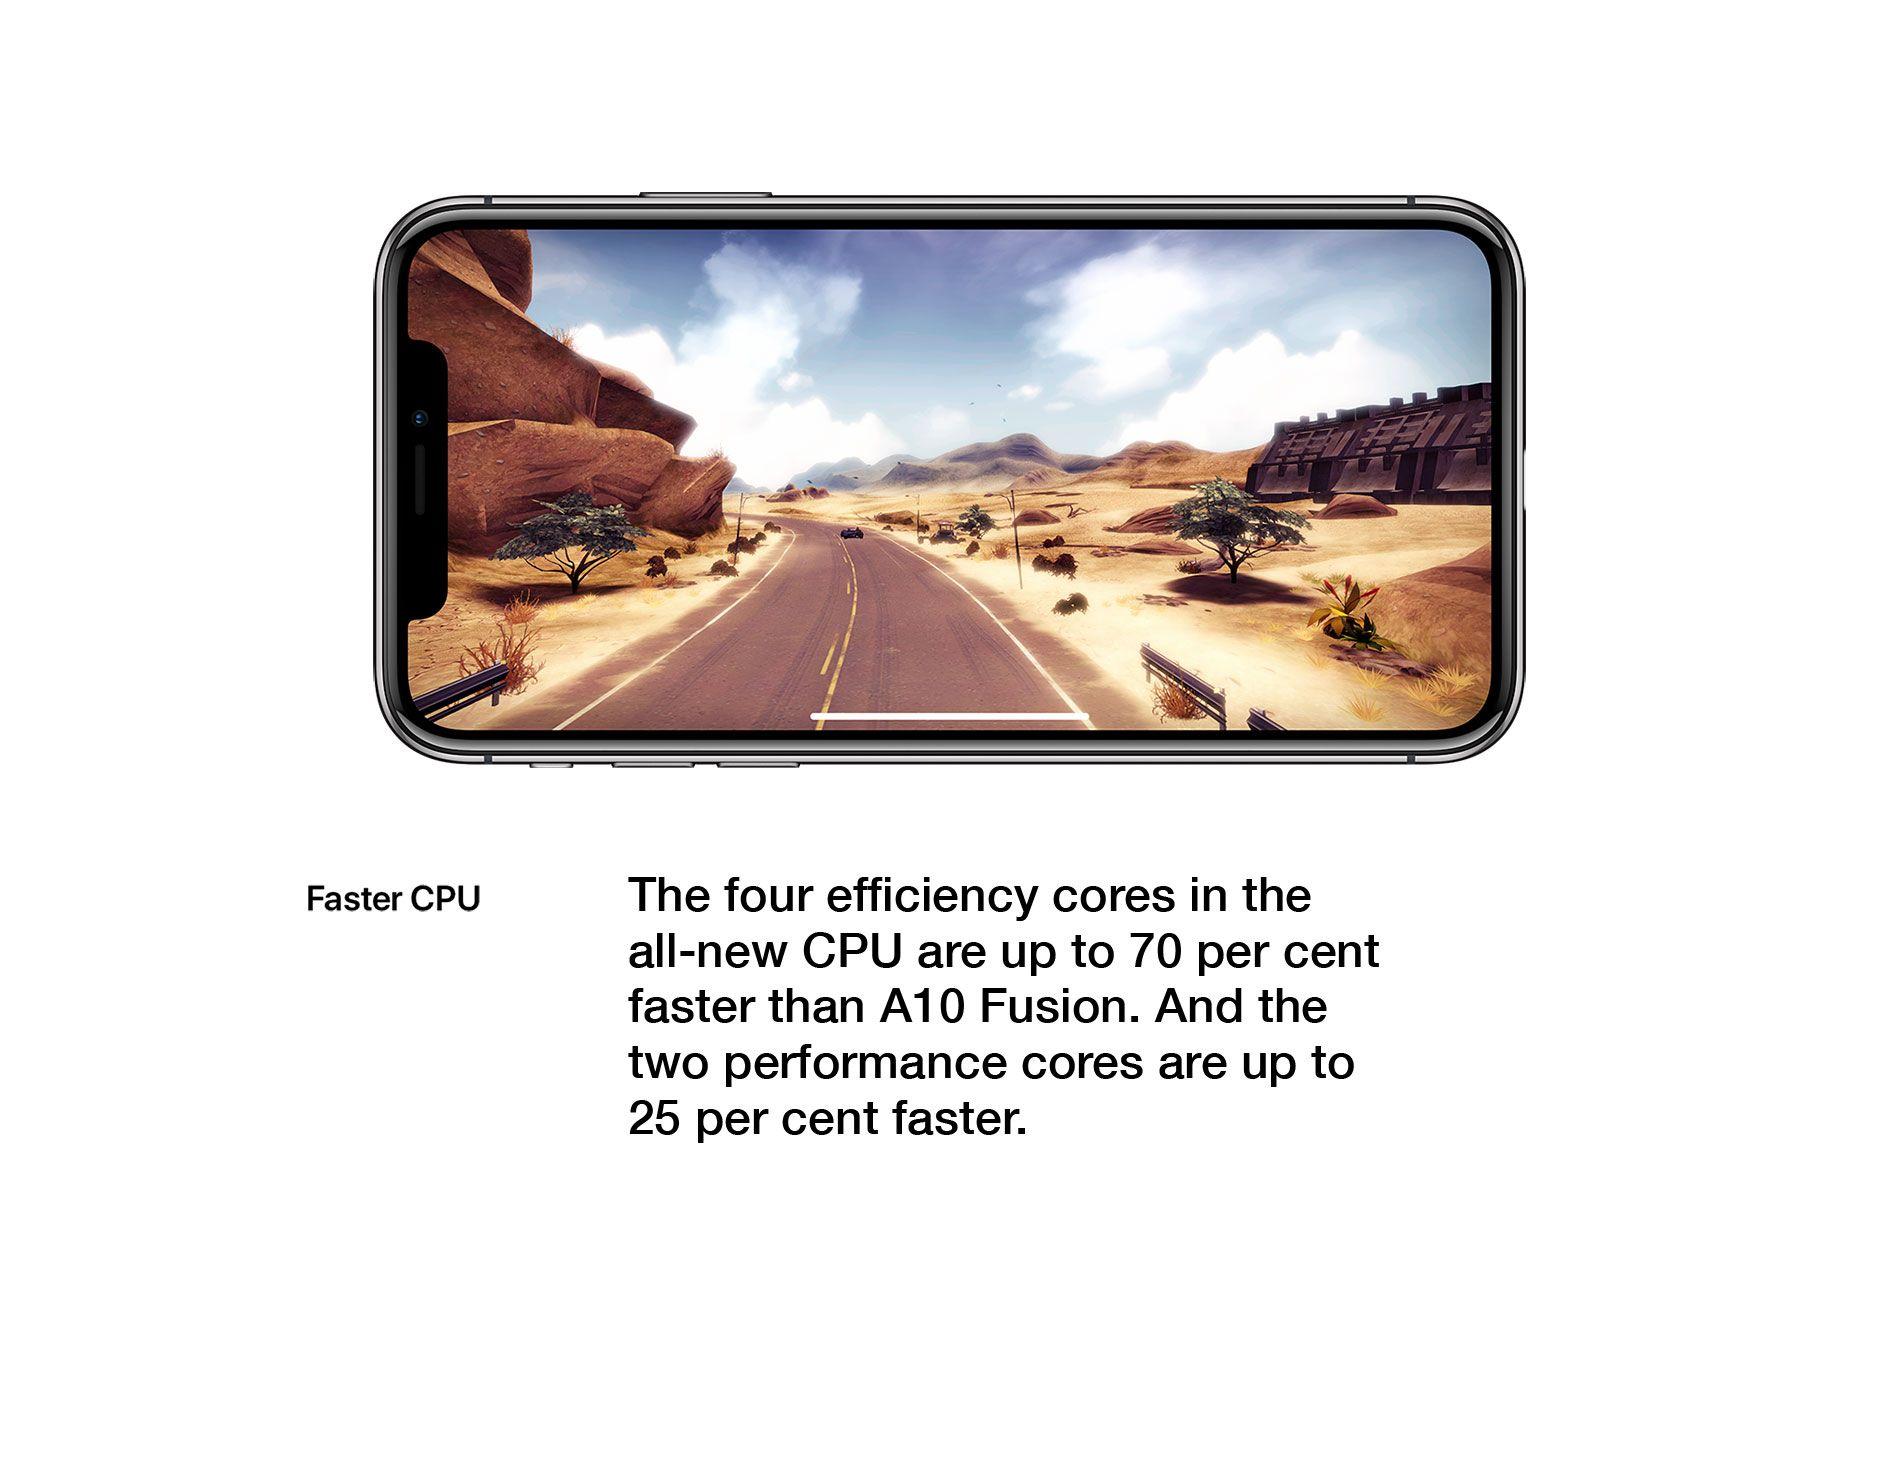 Faster CPU